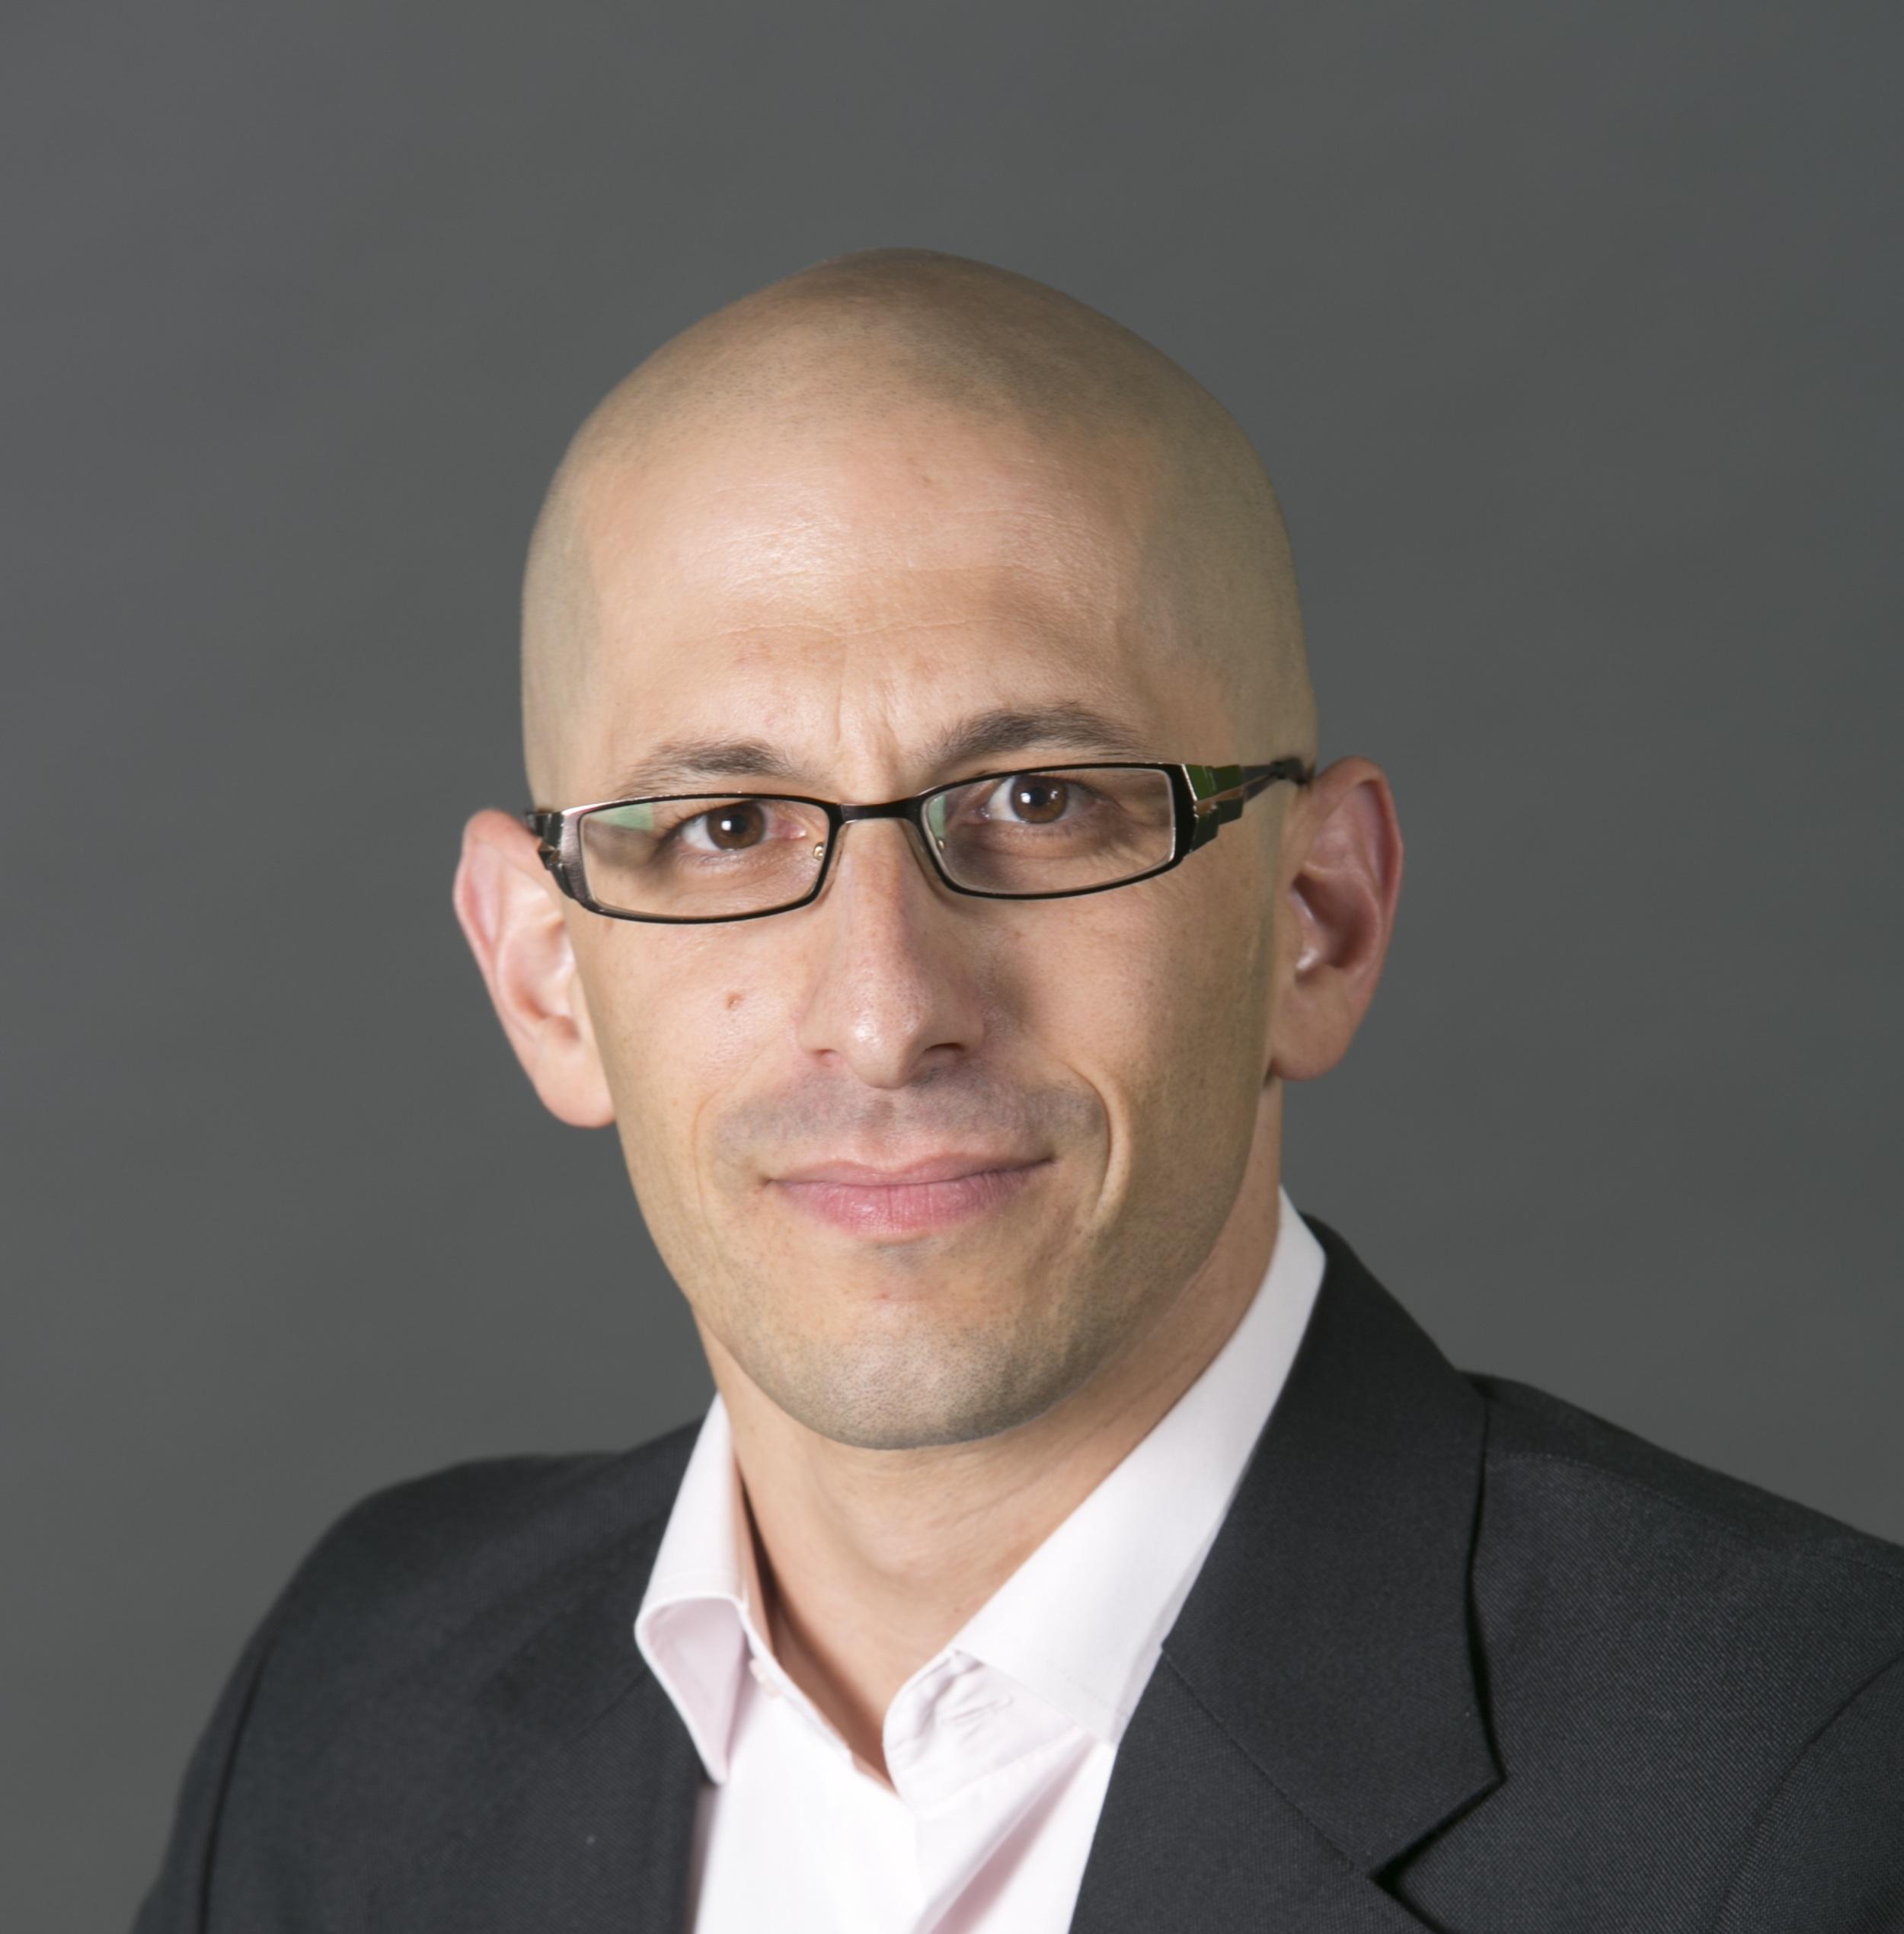 Guy Evron